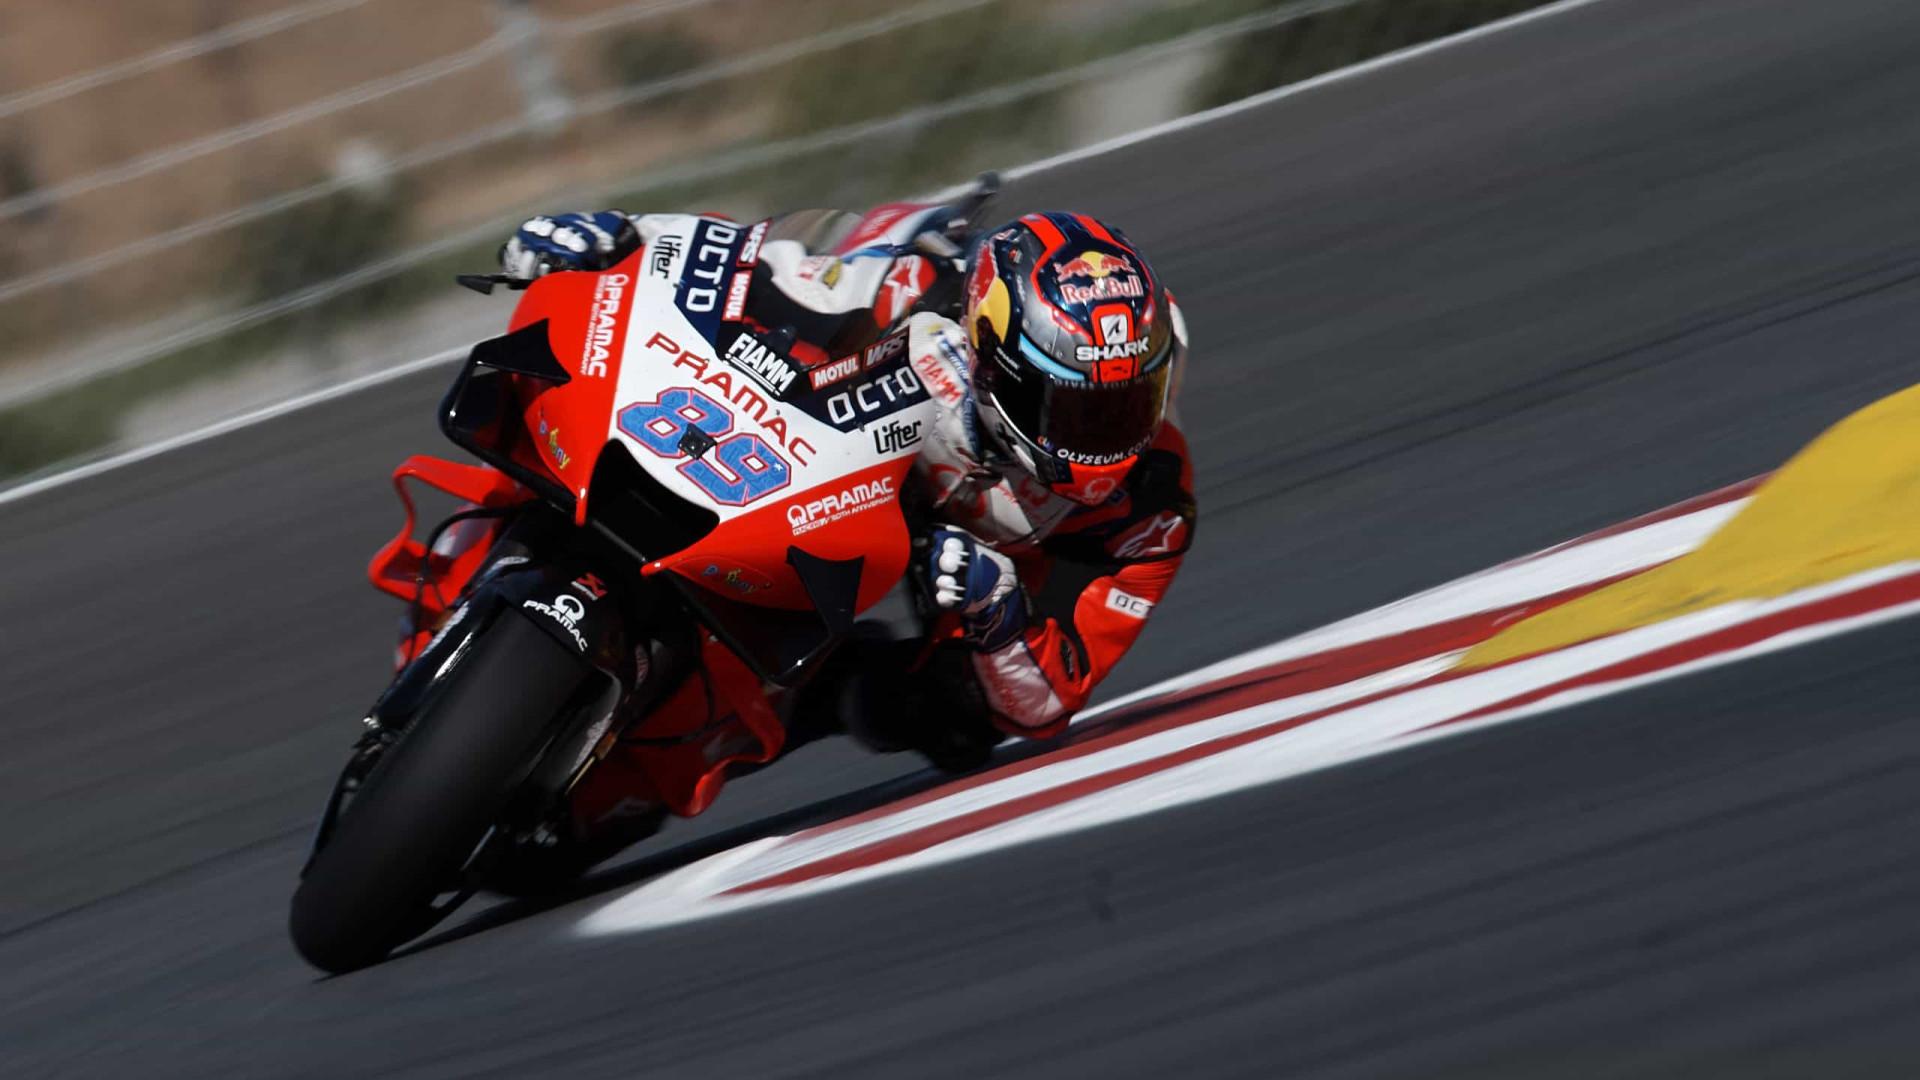 Com última volta incrível, Jorge Martin faz a pole na etapa da Áustria de MotoGP